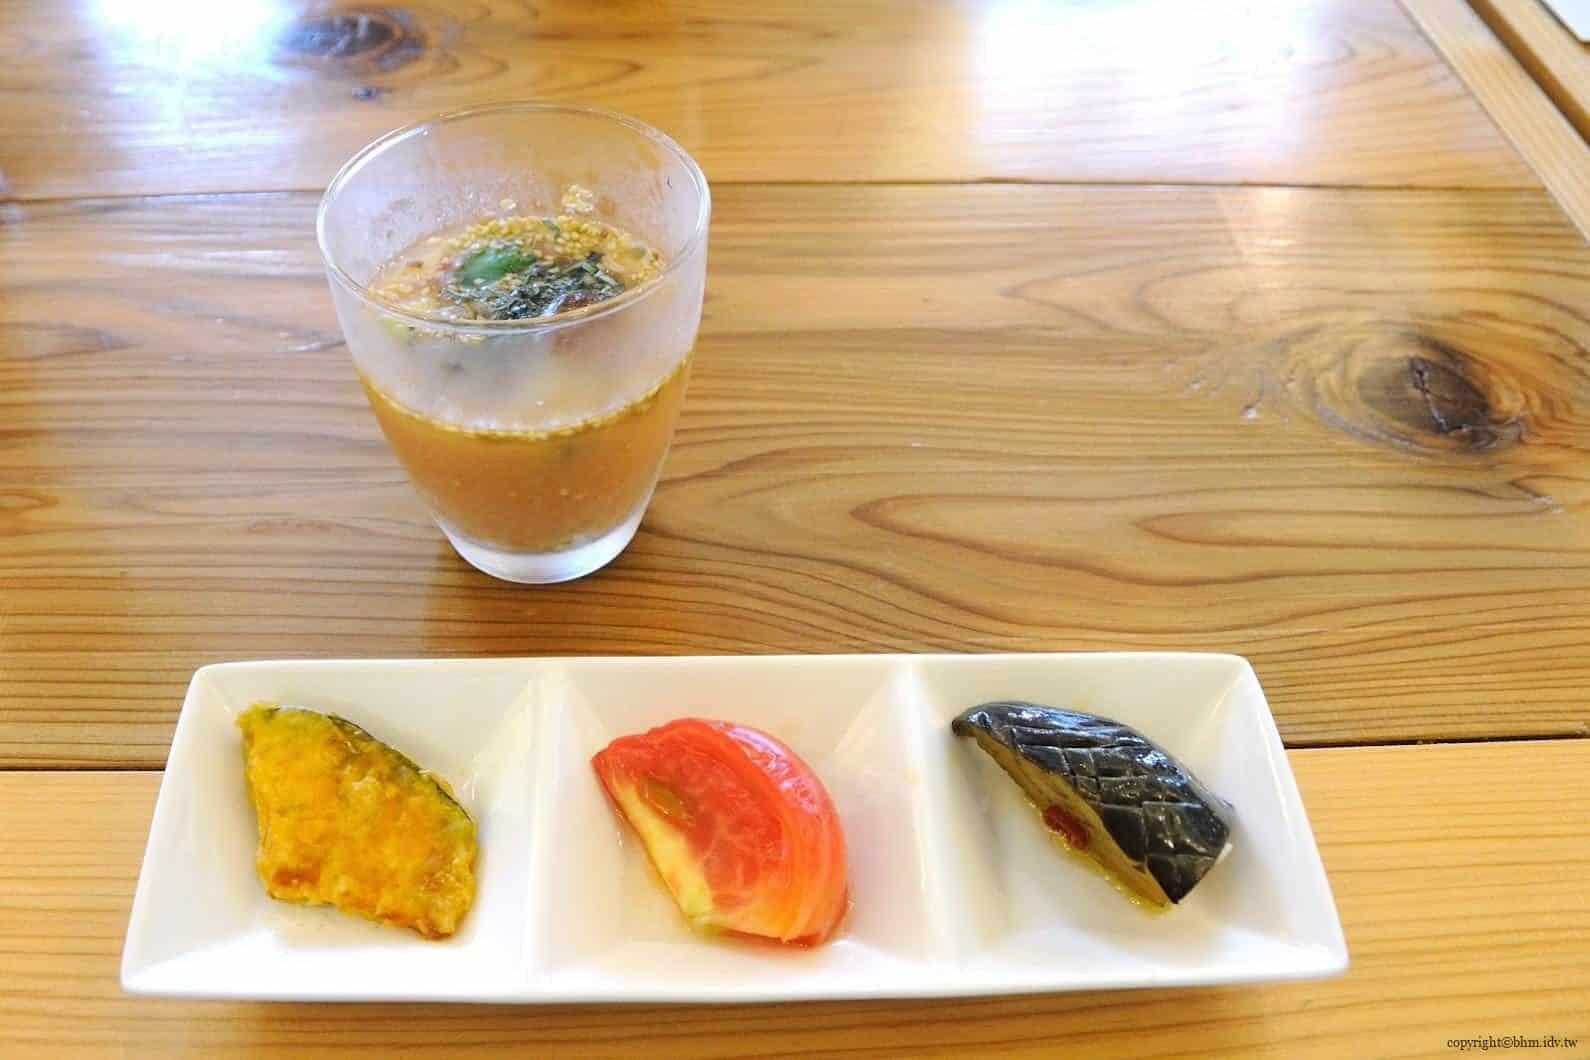 奴奈川校園-TSUMARI KITCHEN,米澤文雄(Jean-Georges),前菜是法式味噌冷湯,很有特色但沒有合筆者胃口,喝一口就放在旁邊。下方擺盤由左而右的南瓜、番茄與茄子,用不同方式料理口感留下深刻印象 art-field 奴奈川校園-TSUMARI KITCHEN tsumari kitchen 04 0x0